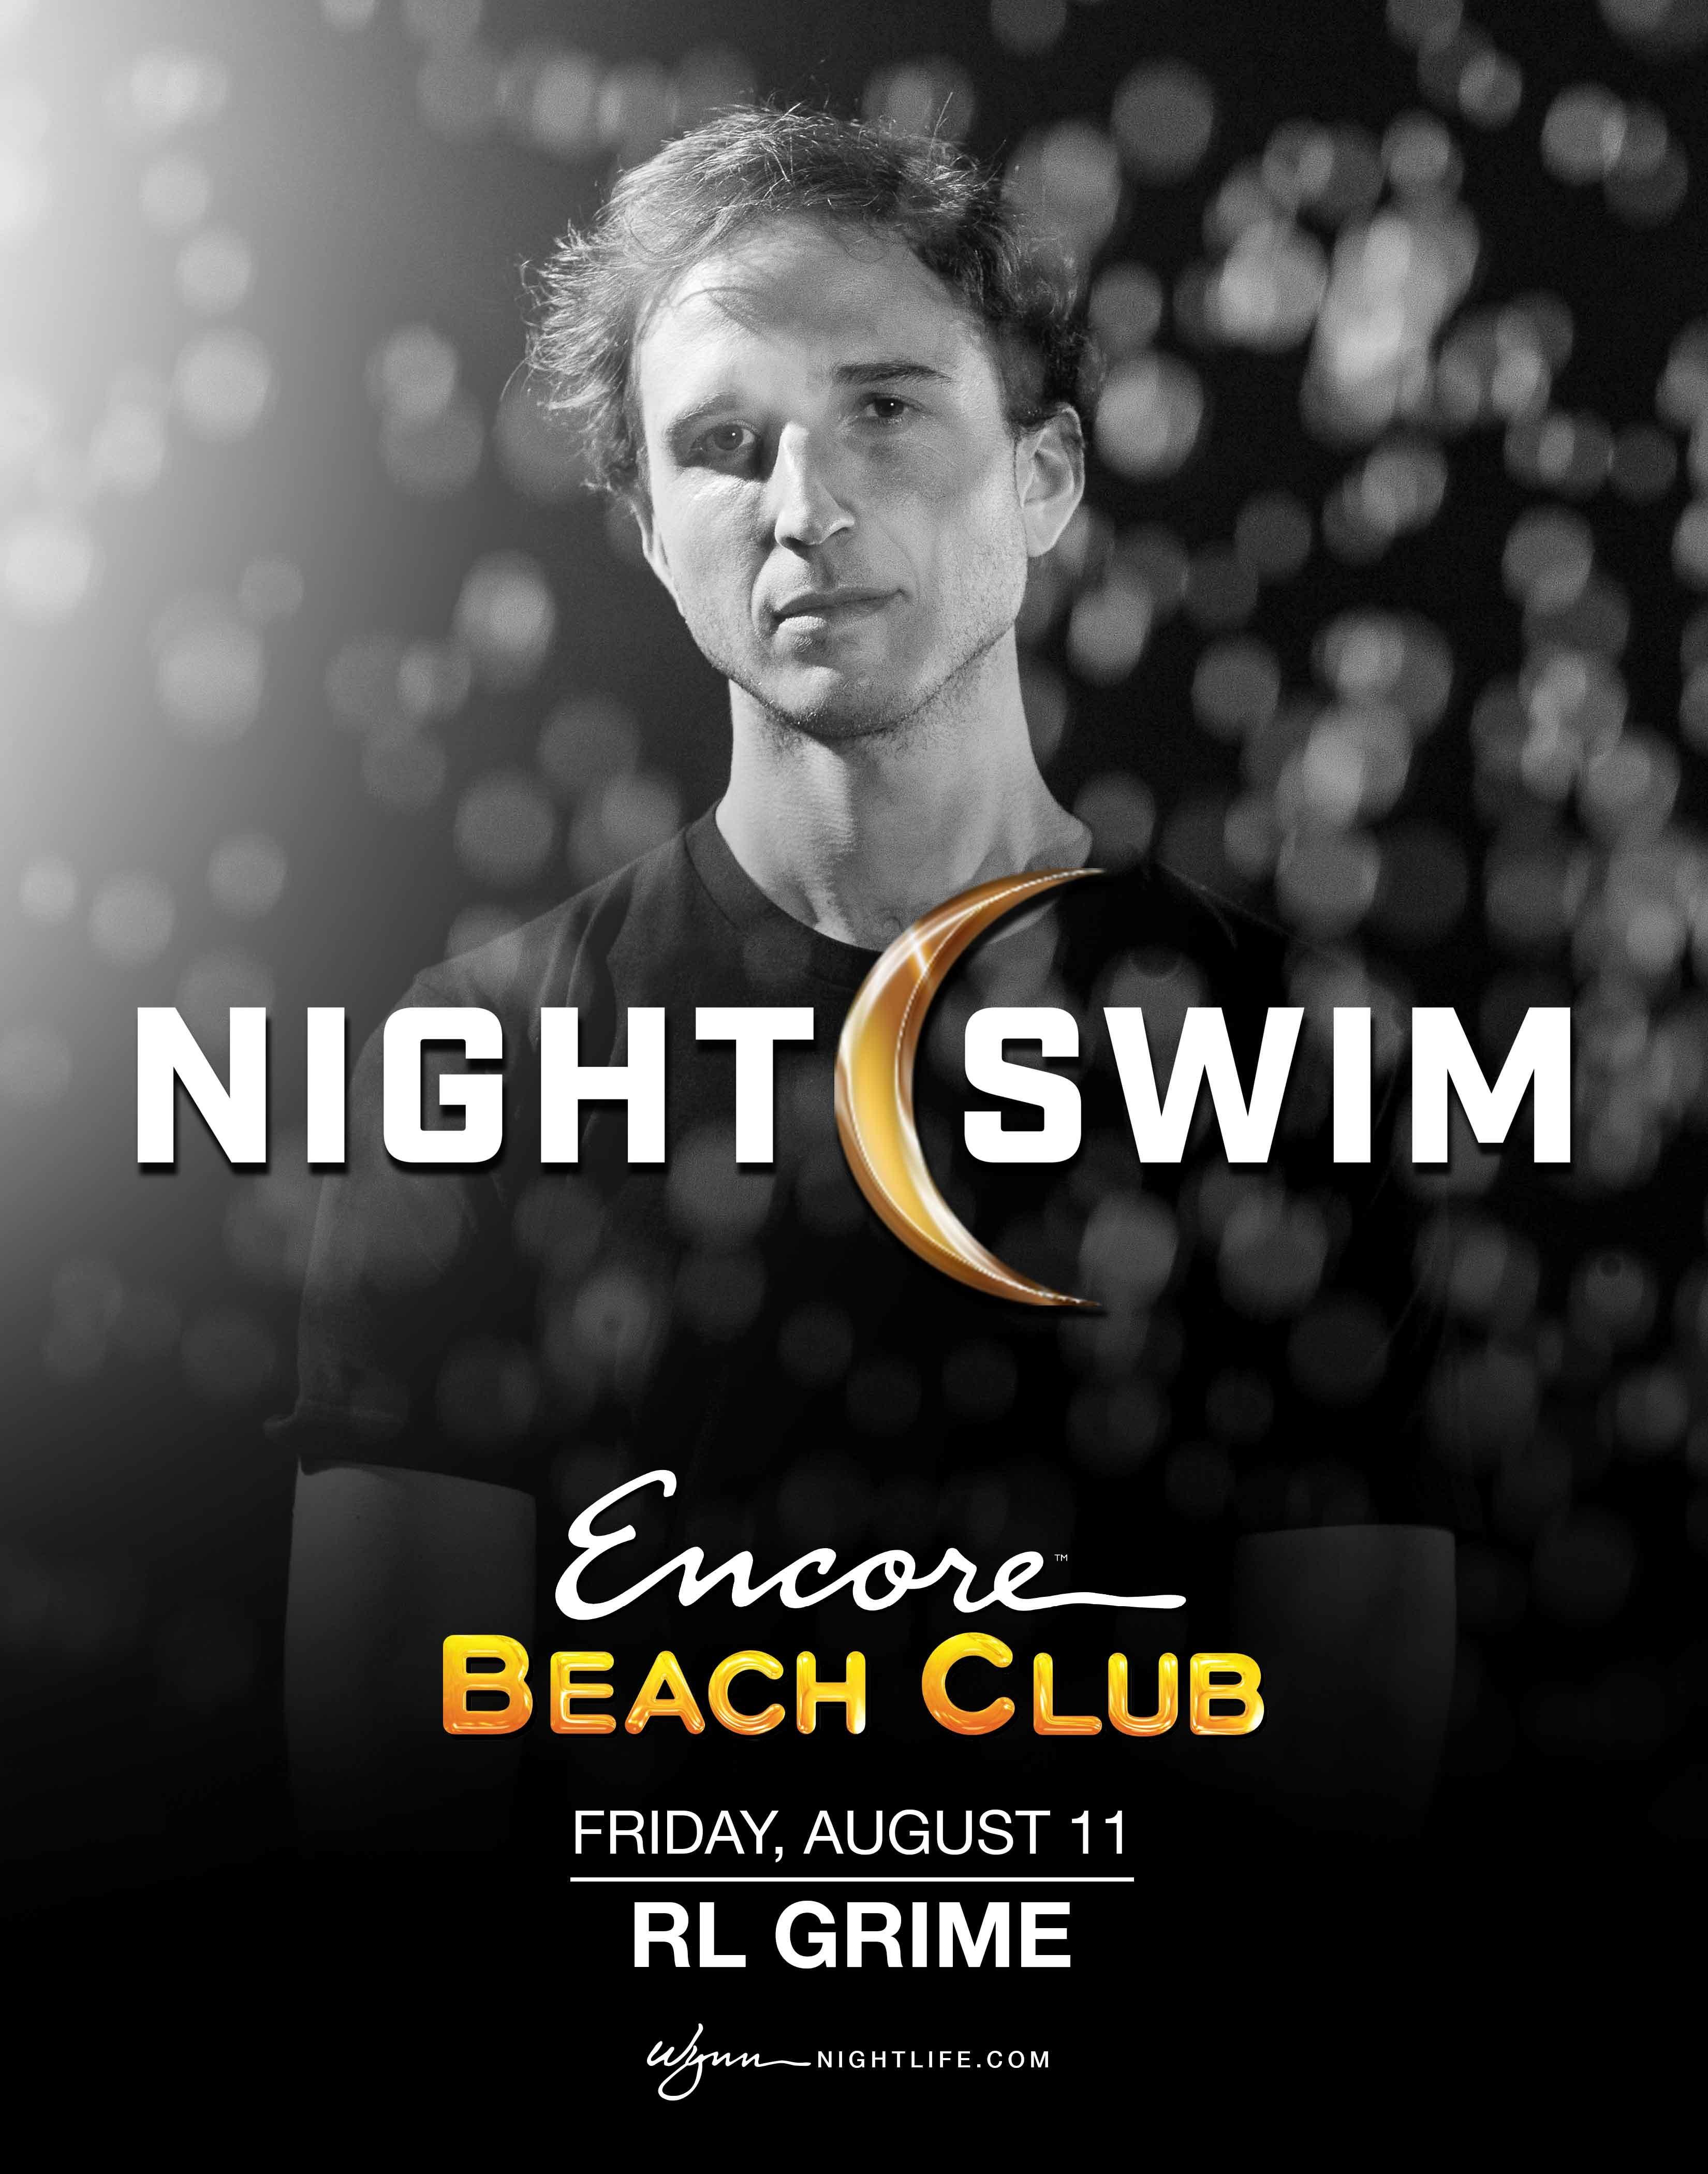 RL Grime - Nightswim at EBC at...